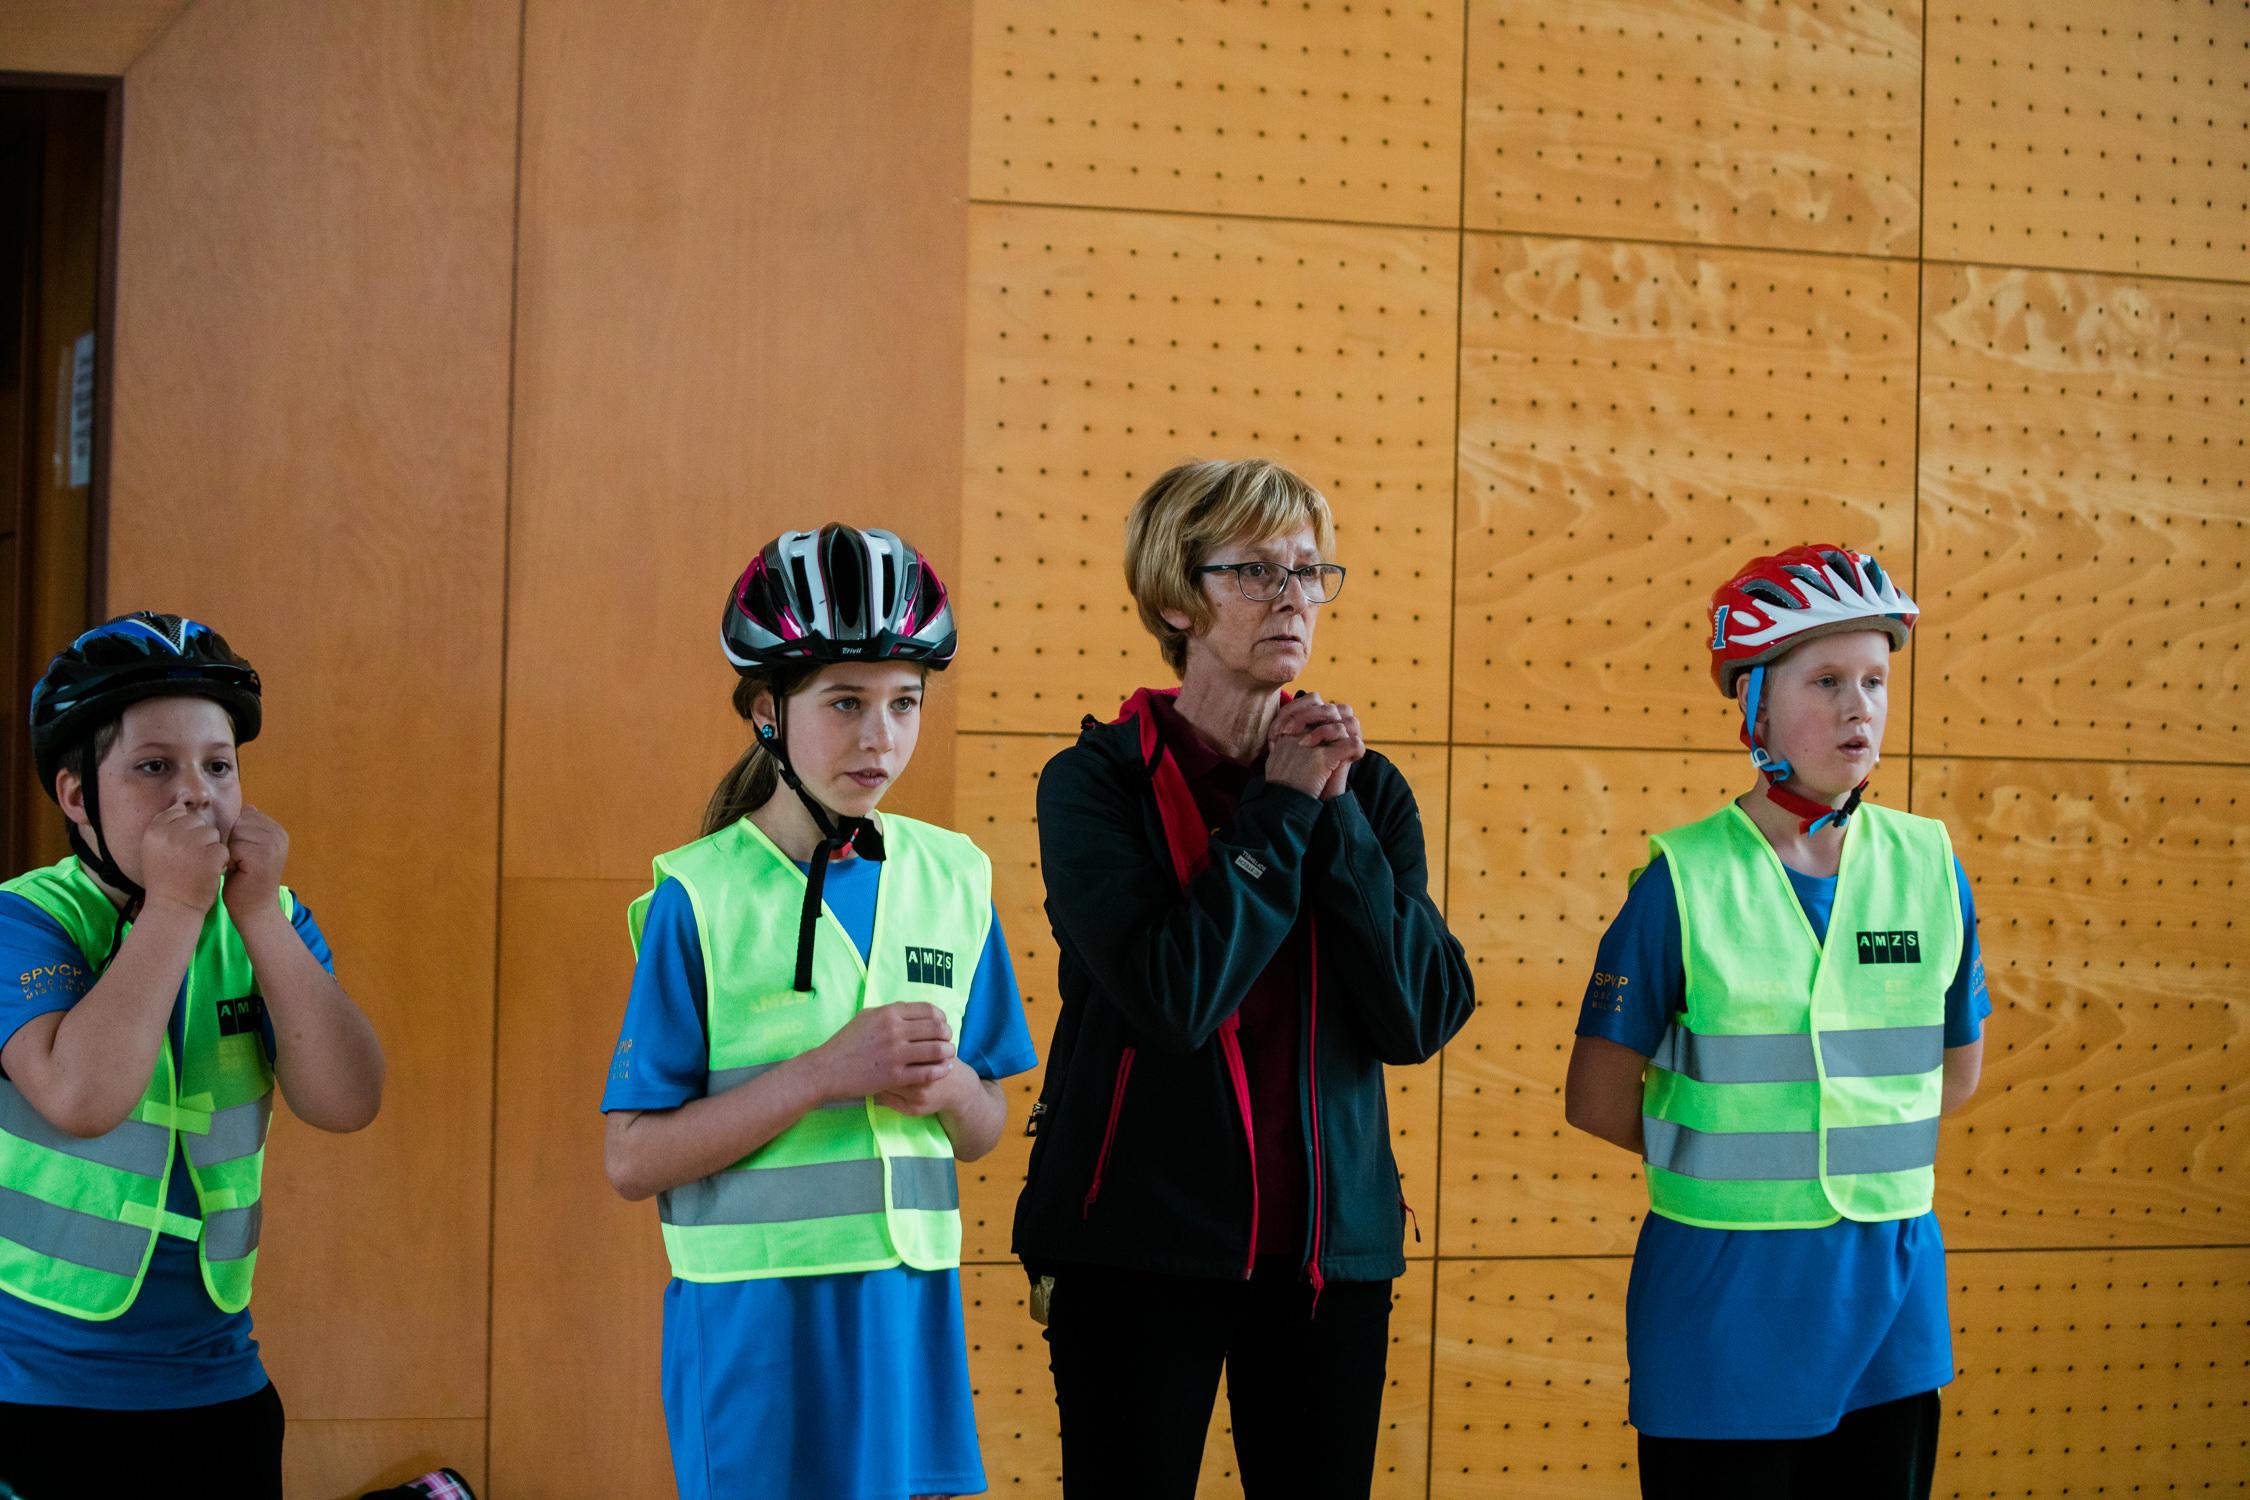 najboljsi-mladi-kolesar-2019_male-65